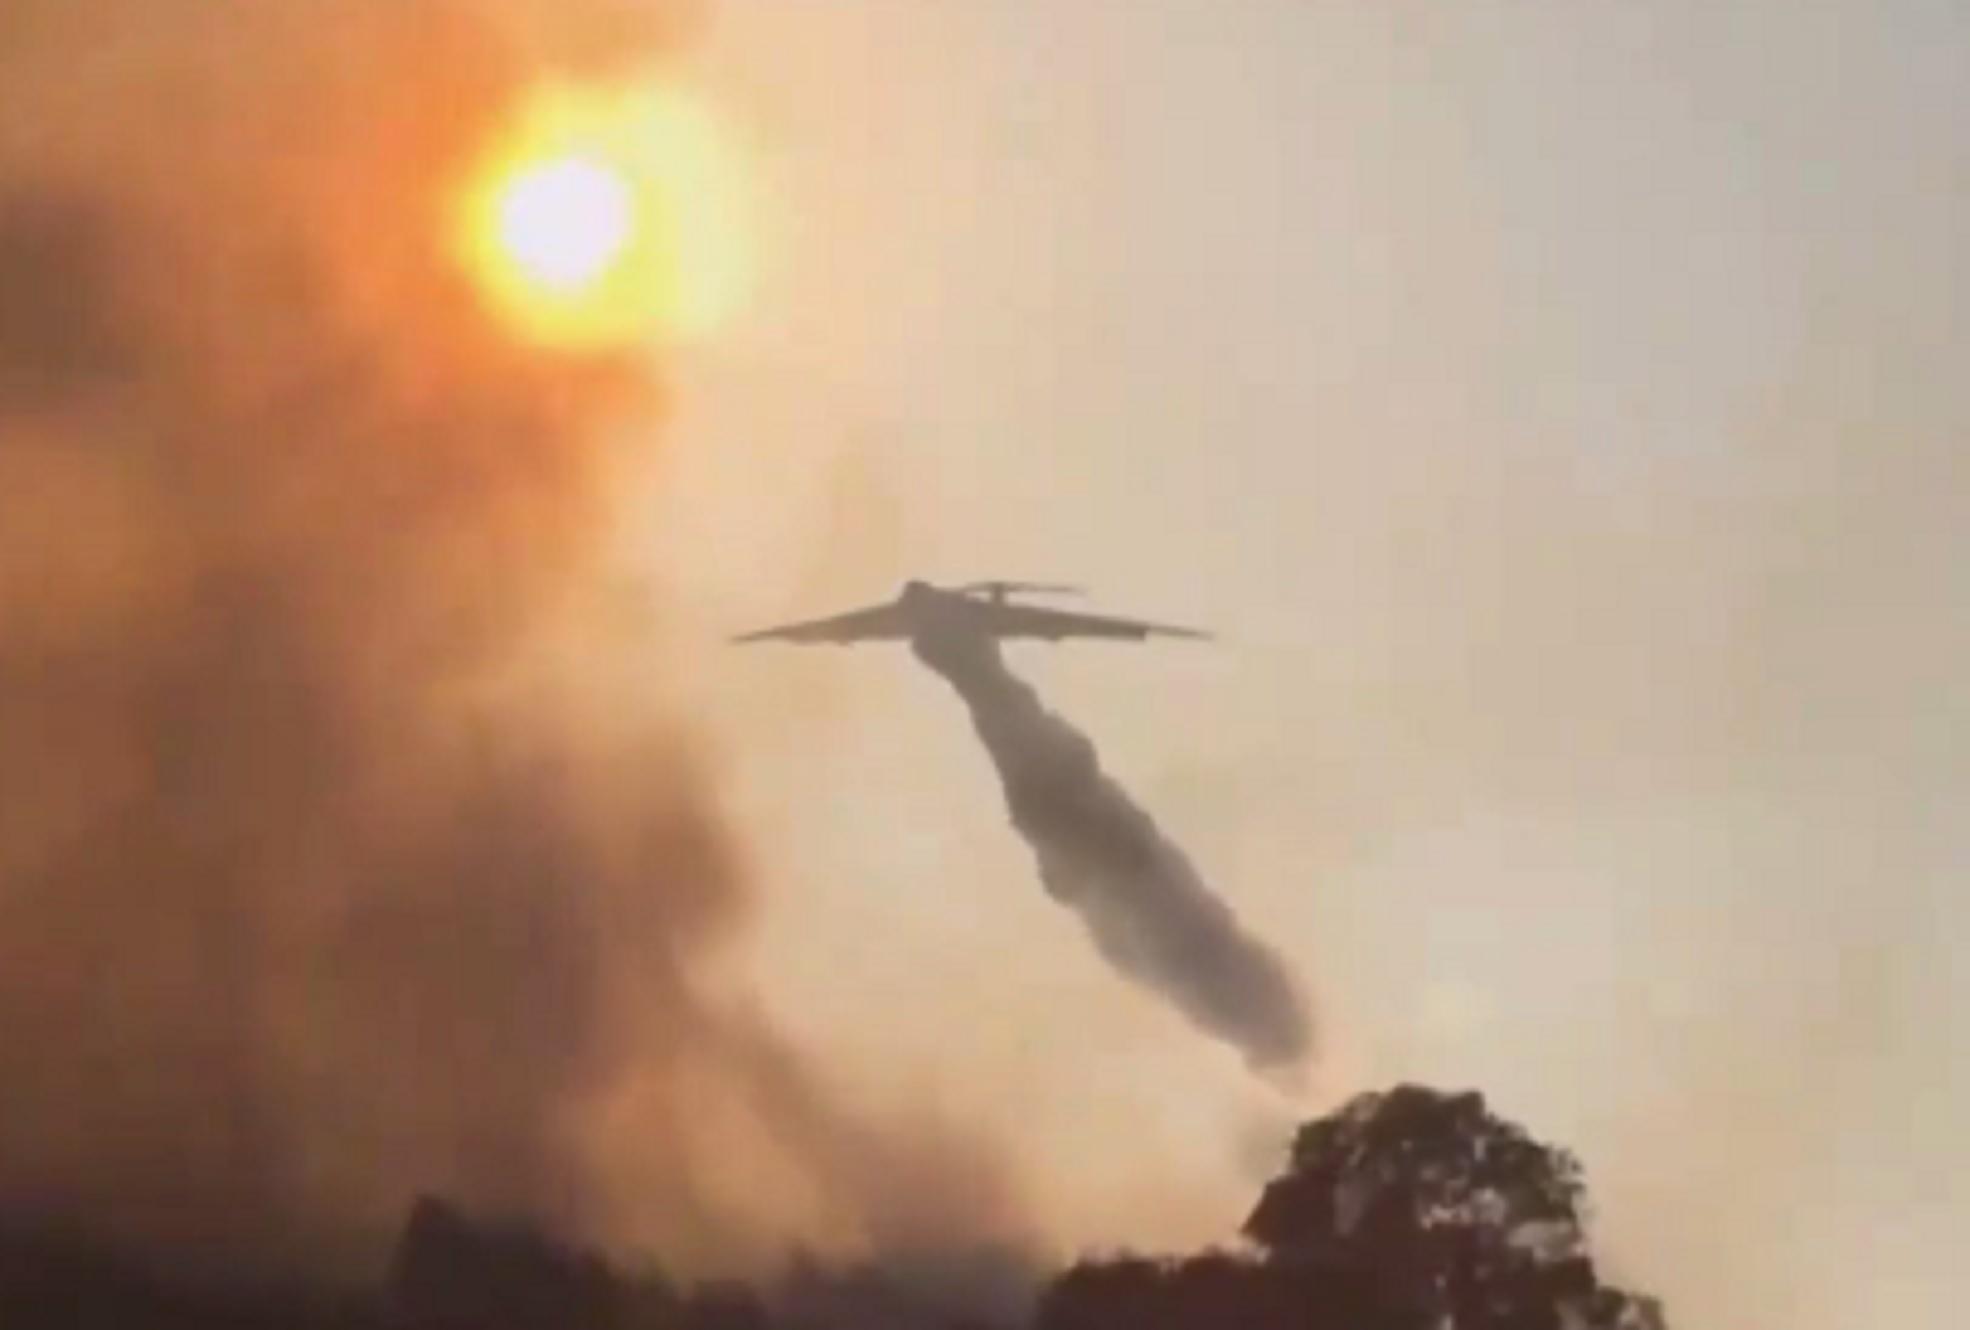 Φωτιά στα Βίλια: Παραλίγο τραγωδία με το ρωσικό πυροσβεστικό αεροσκάφος